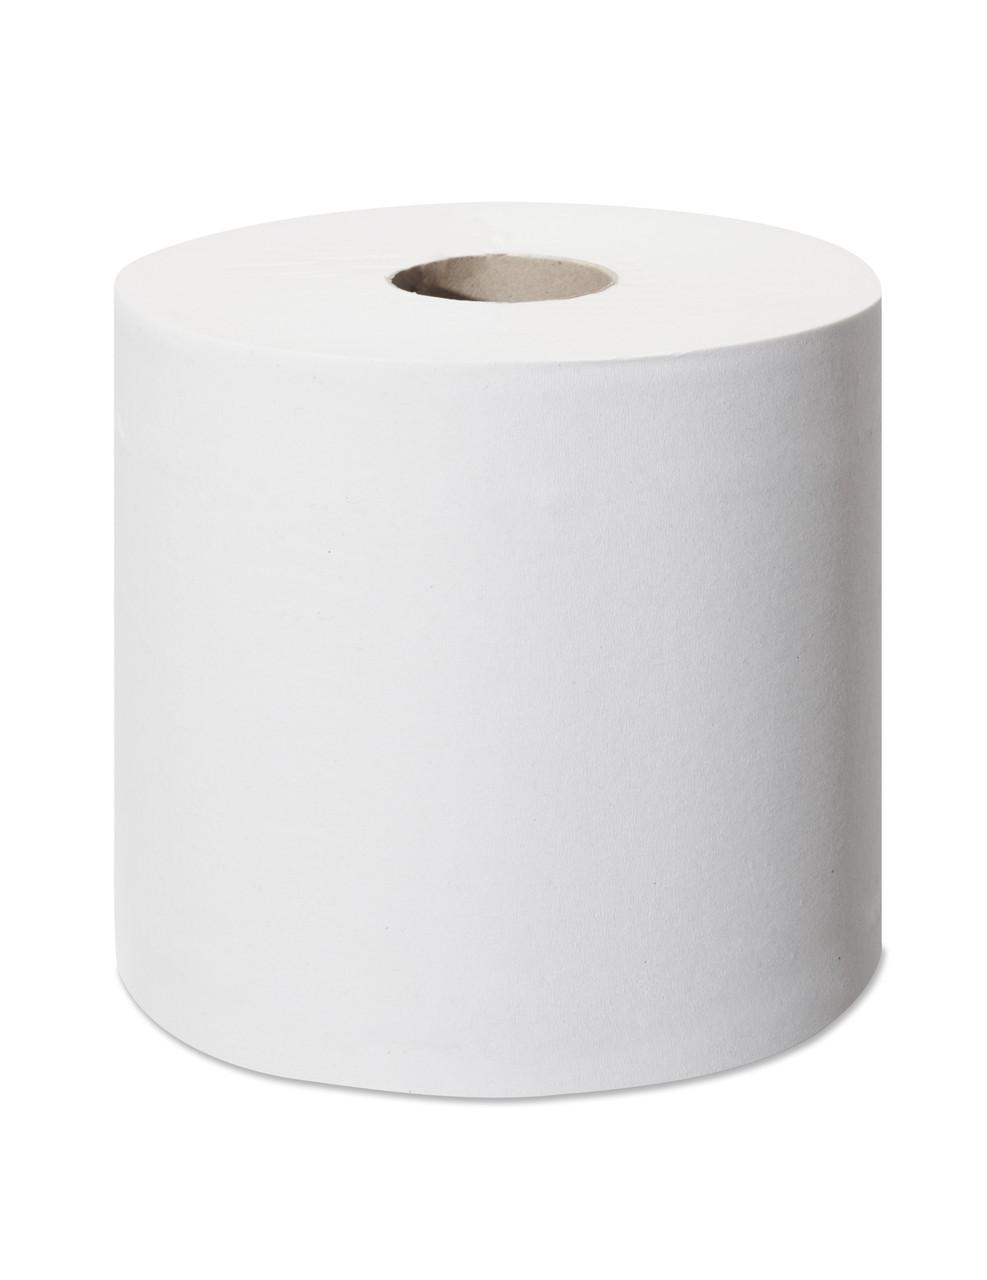 472193 Tork SmartOne® туалетная бумага в рулонах, центральная вытяжка